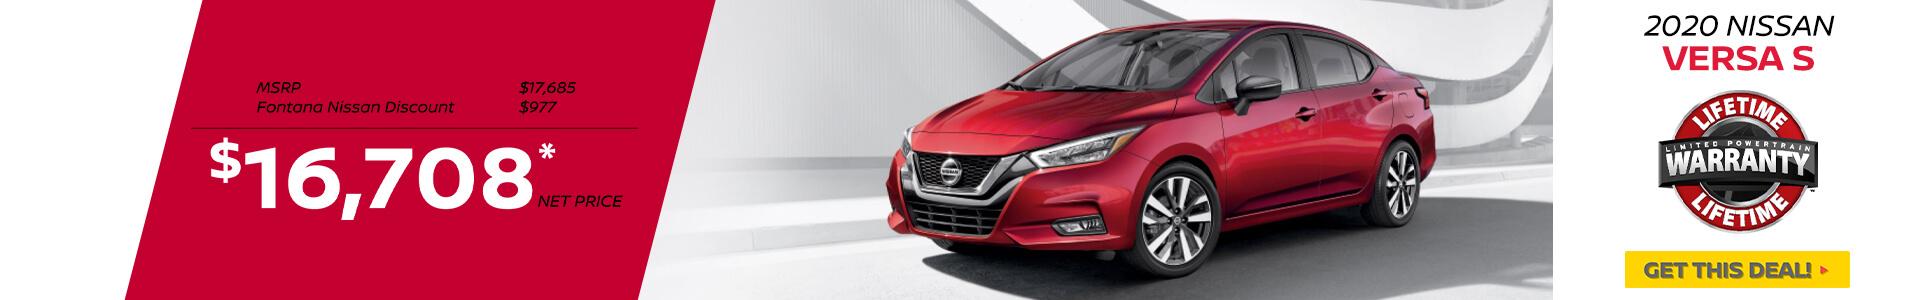 Nissan Versa $16,708 Purchase